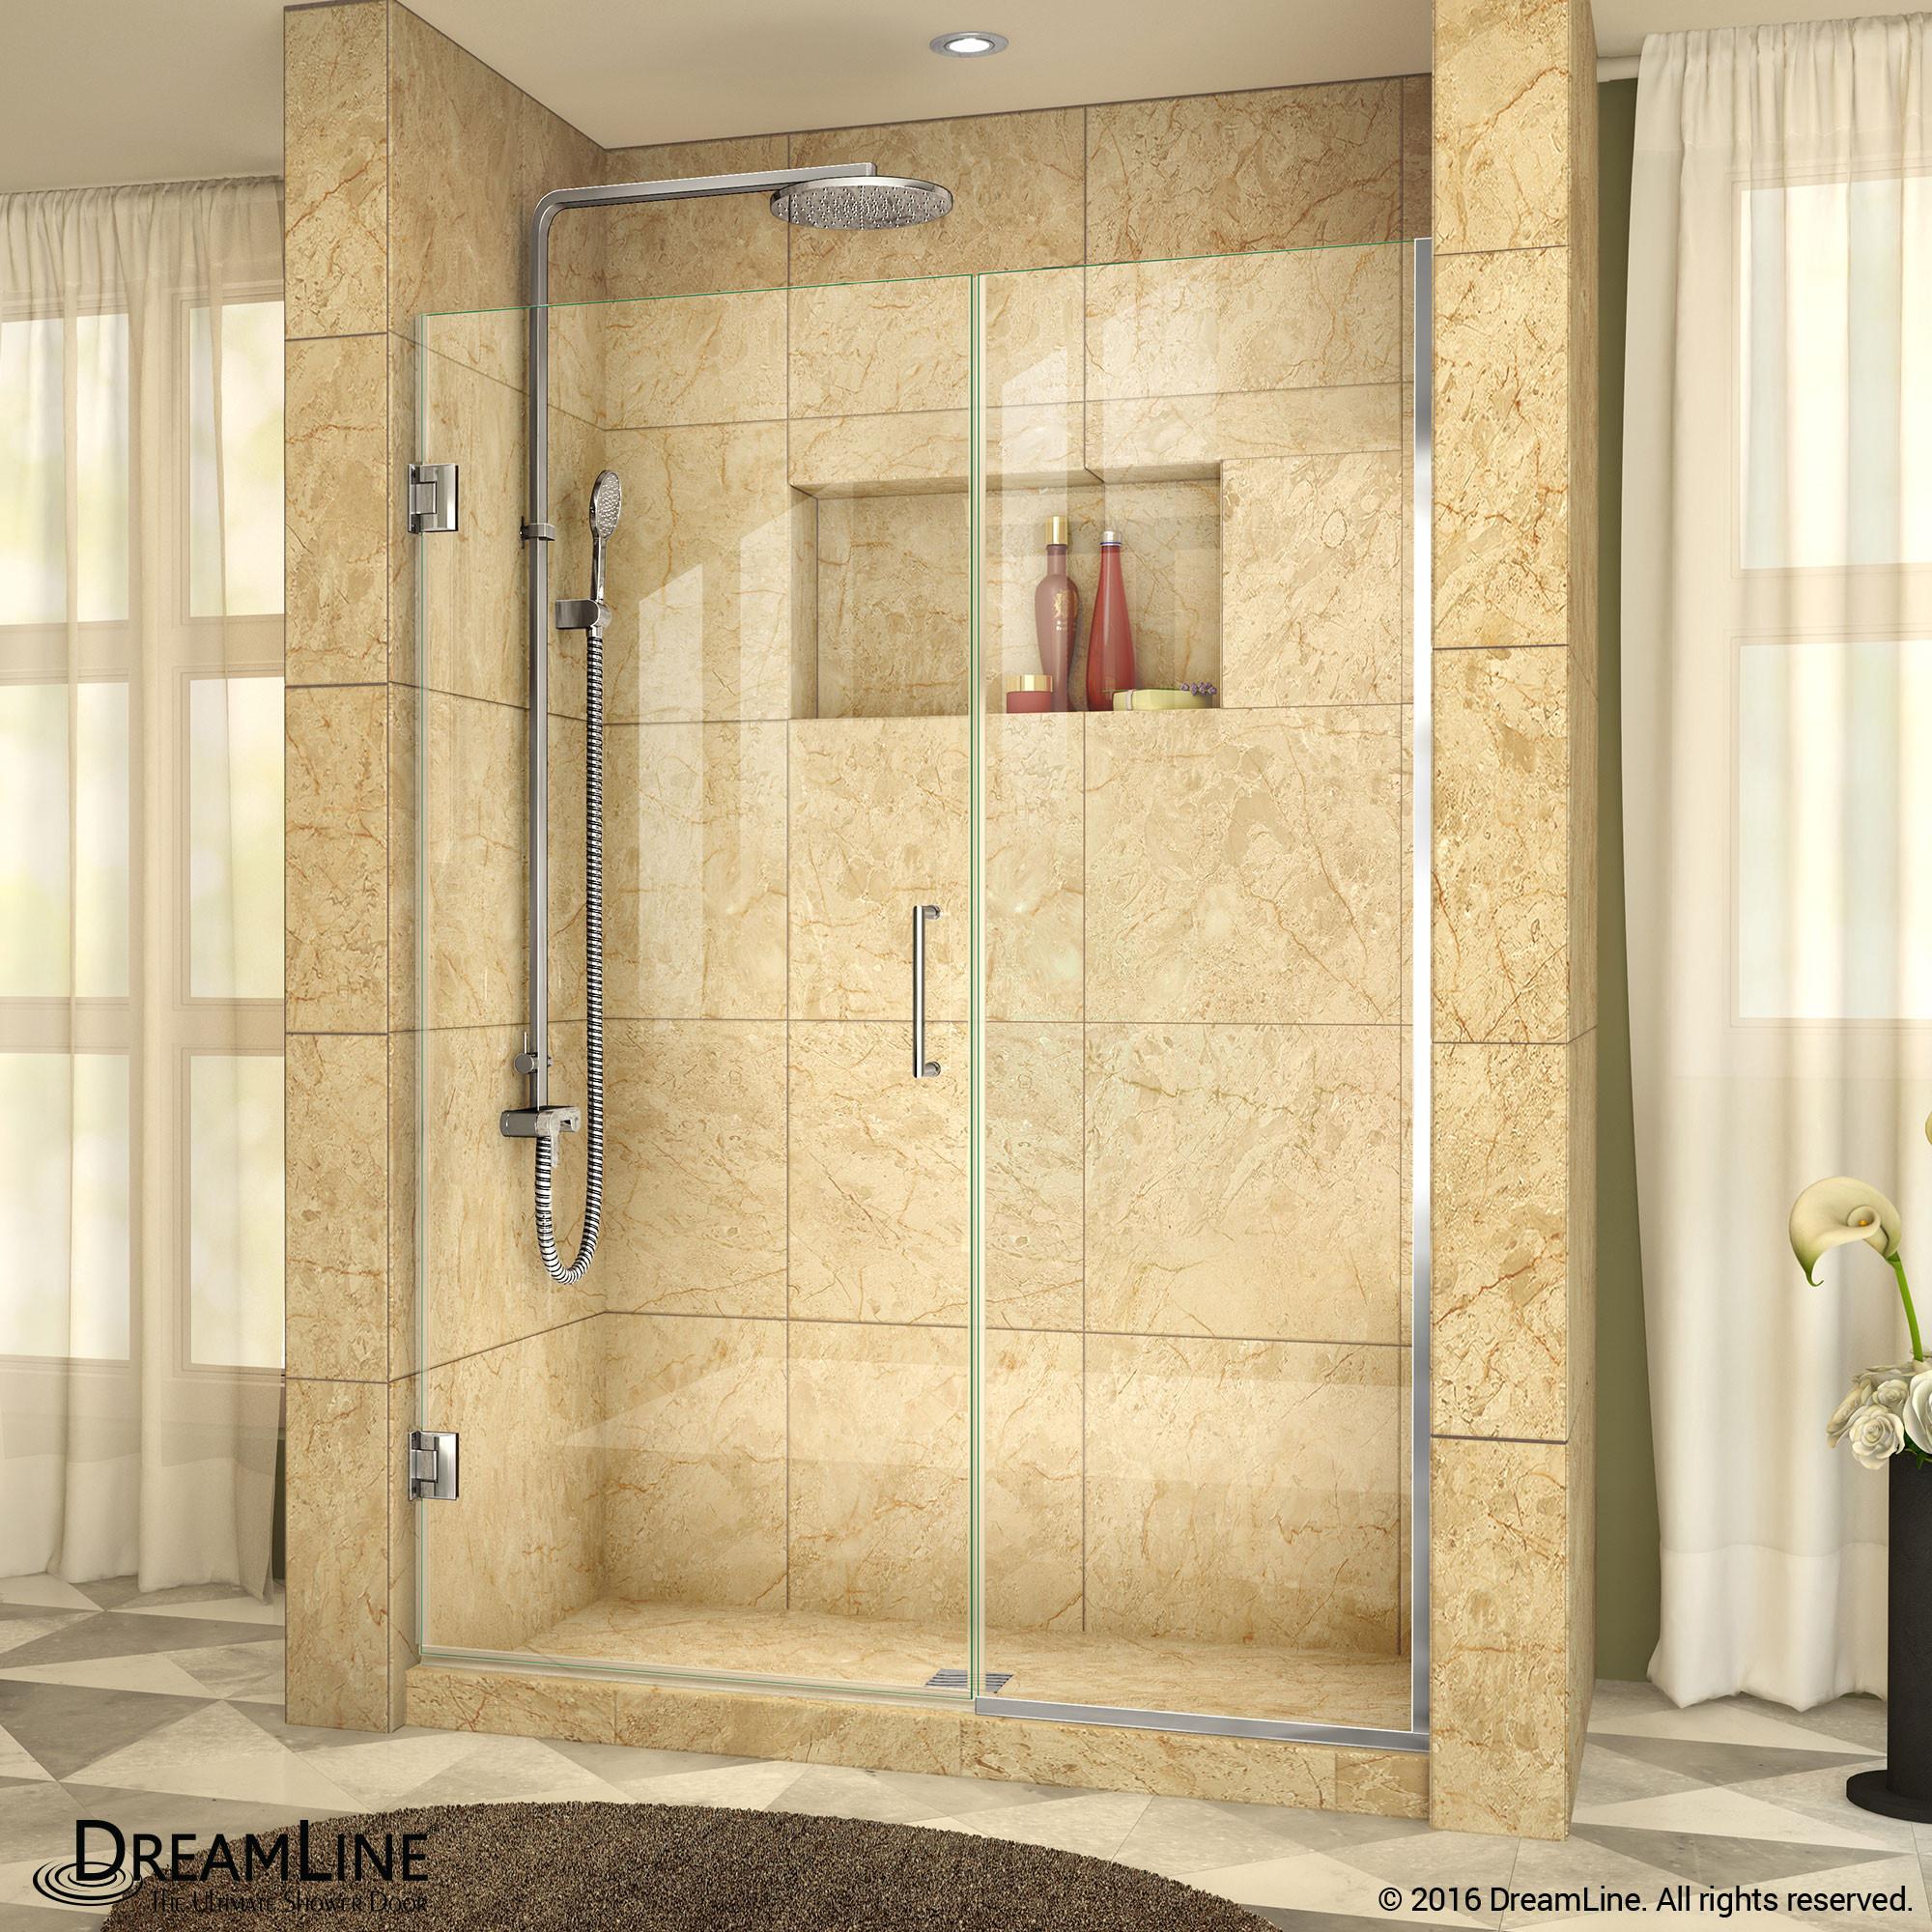 DreamLine SHDR-244907210-01 Unidoor Plus Min 49 in. Hinged Shower Door In Chrome Hardware